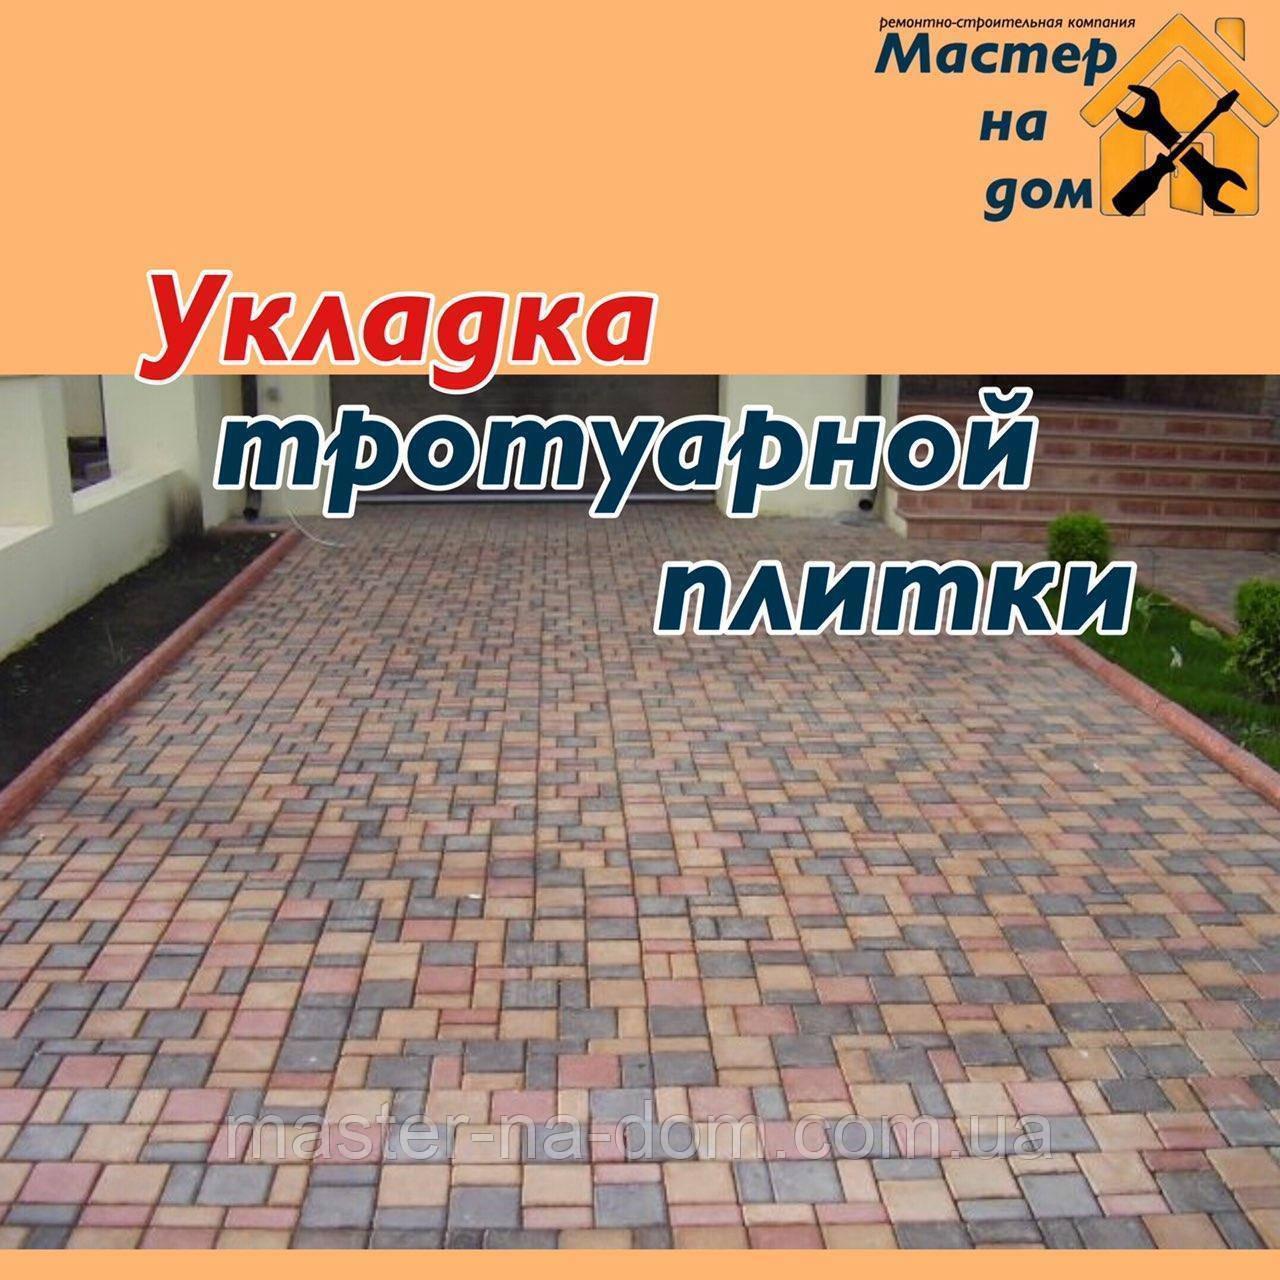 Укладка тротуарной плитки в Кропивницком